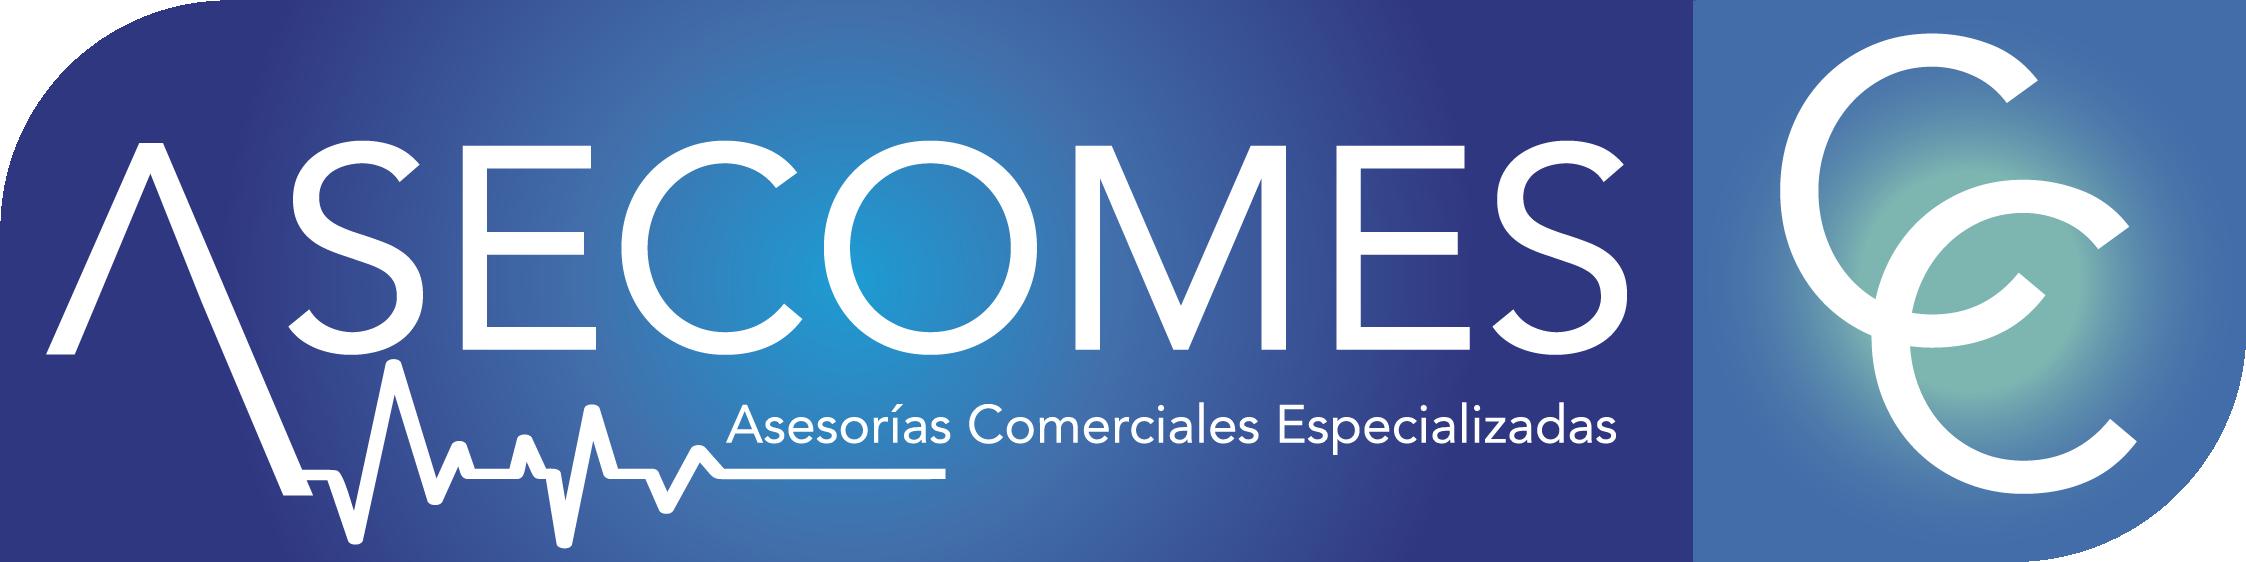 Image  Distribuidores Autorizados logo asecomes 1